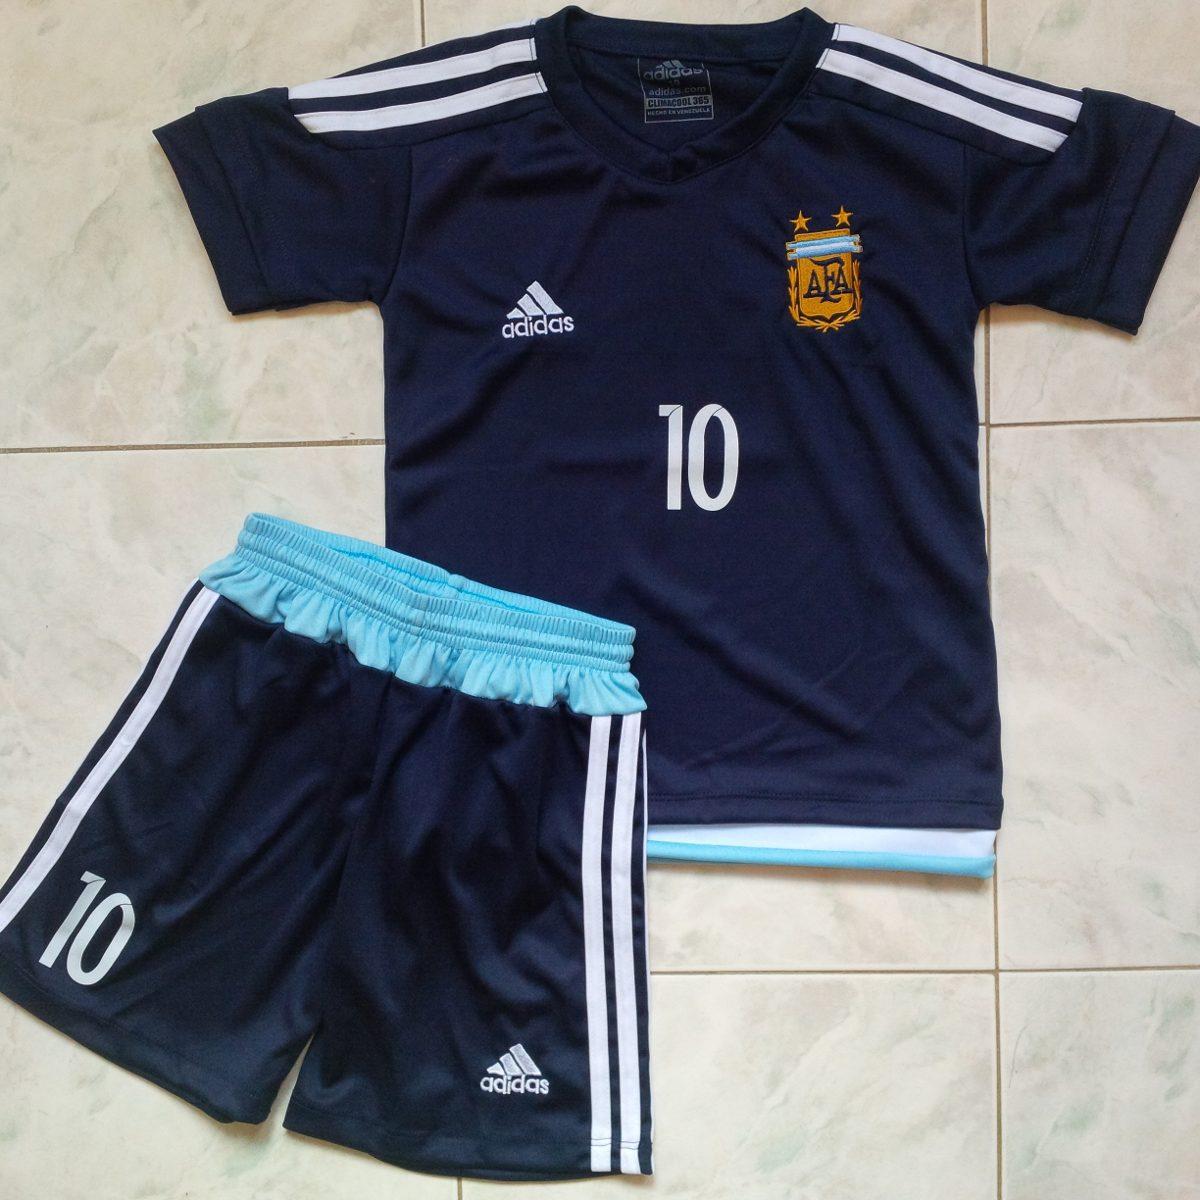 1cf7efefe2cad uniforme argentina visitante copa america 2015 niño messi. Cargando zoom.